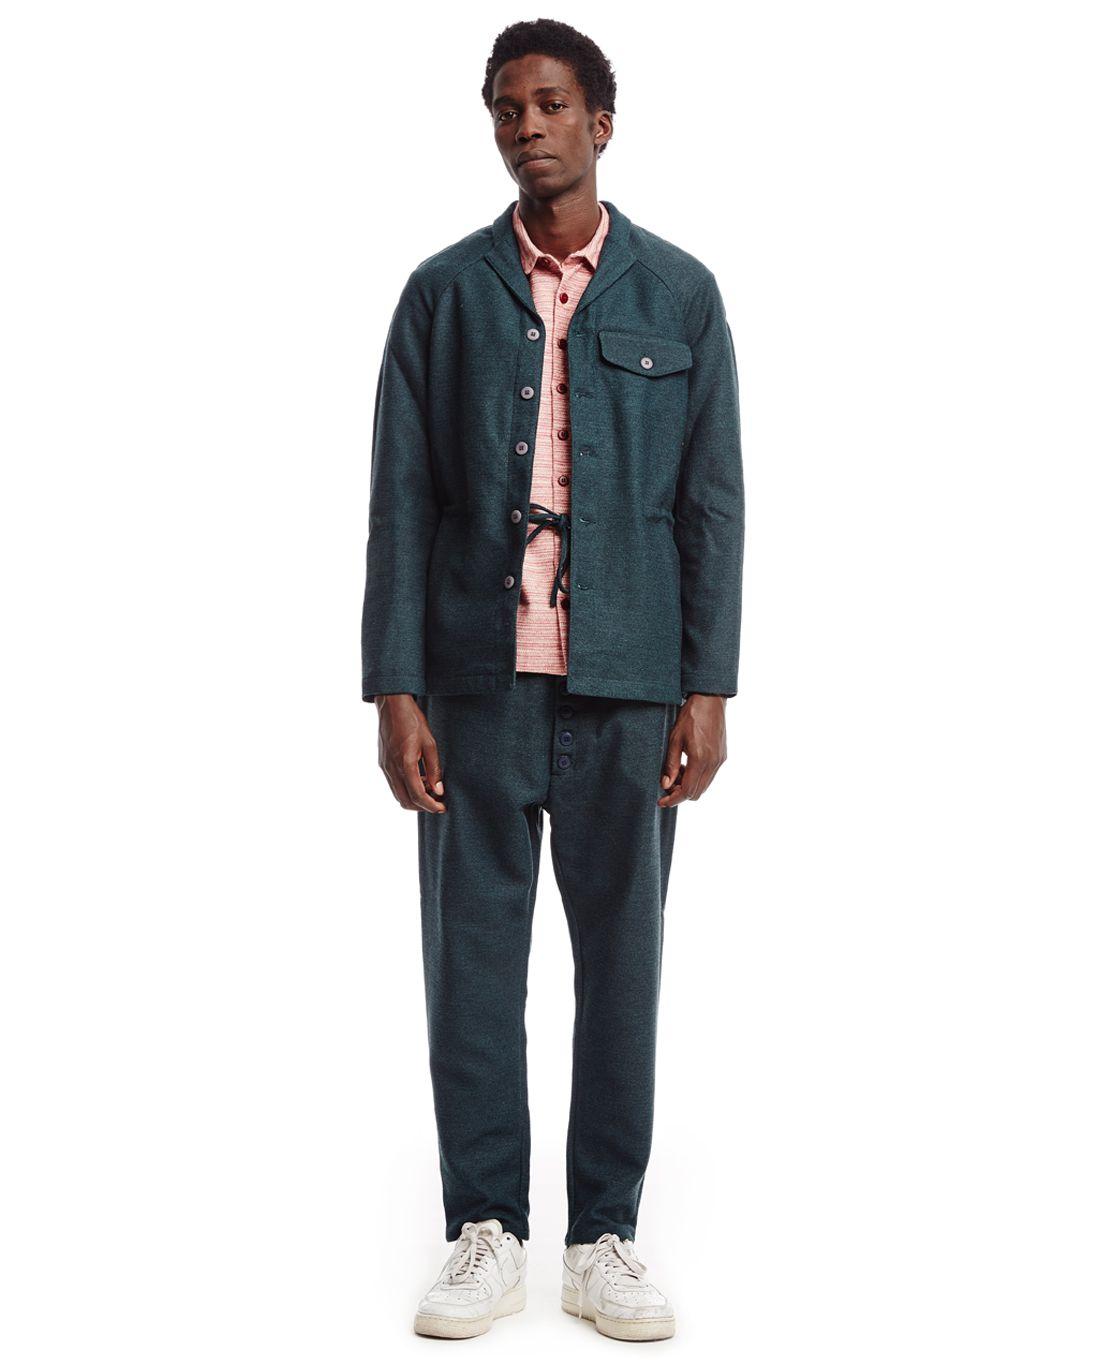 Green wool blazer by SUNNEI FW15 new in #WeAreSelecters Stores ...